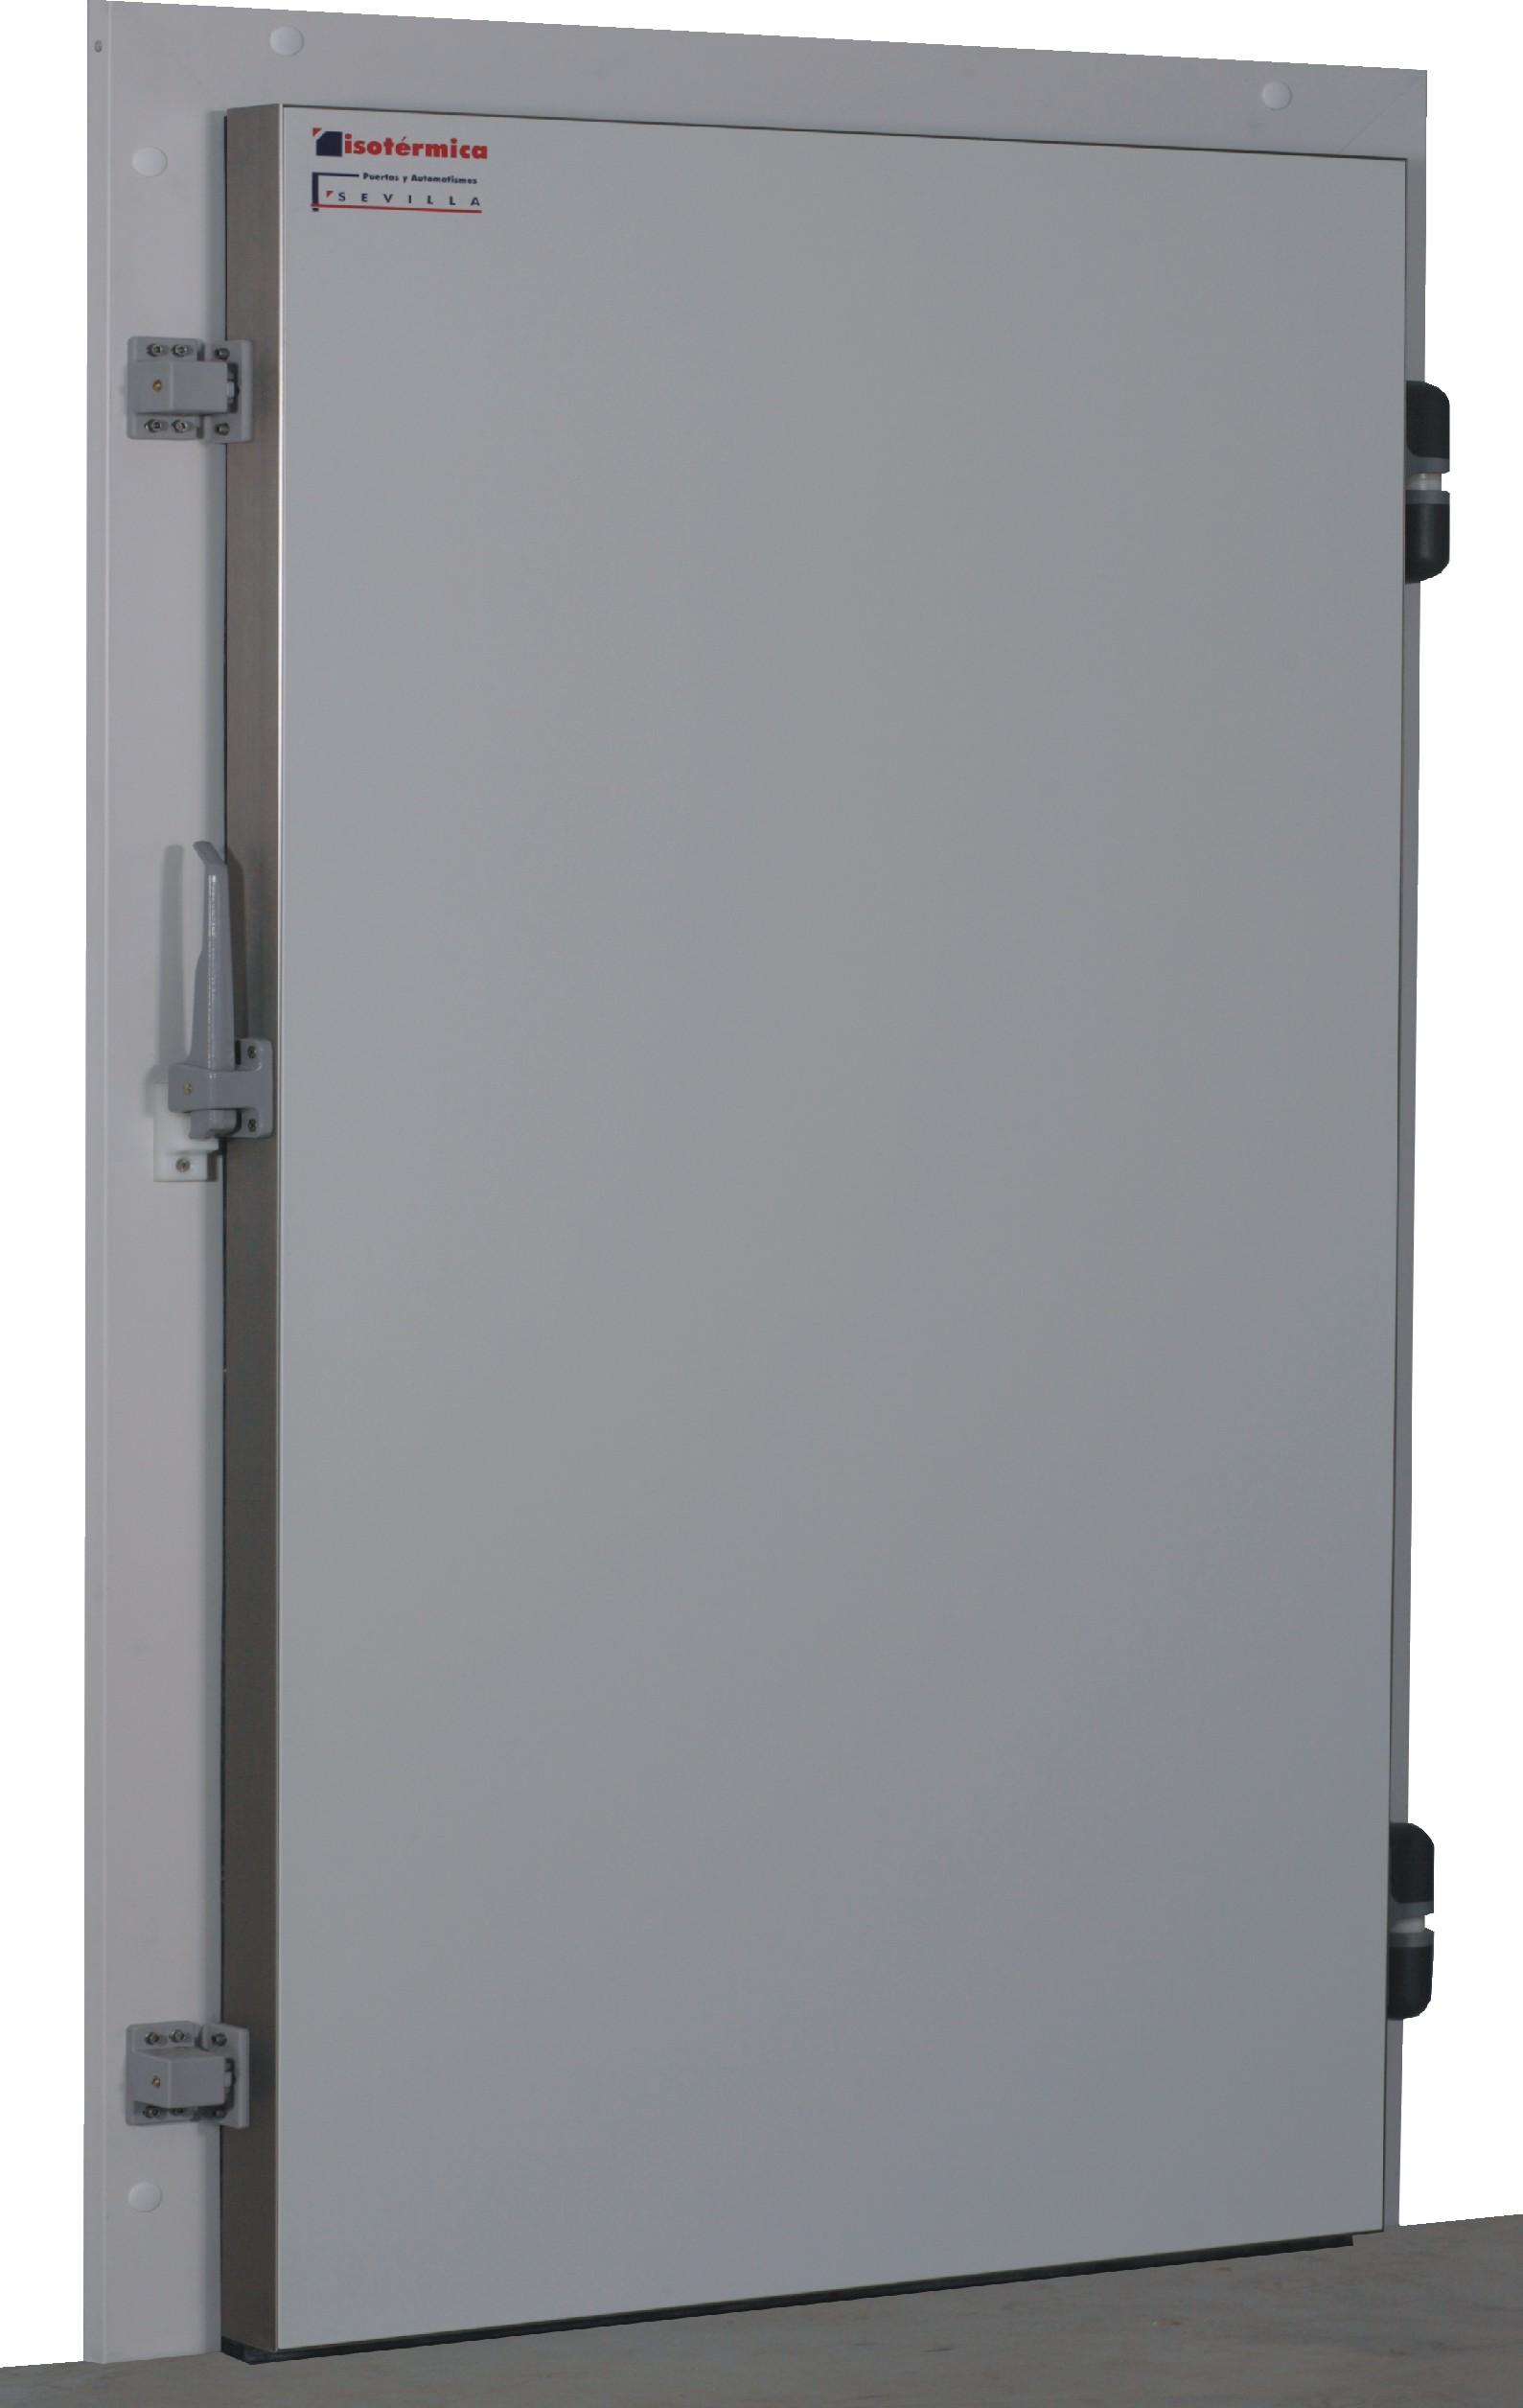 puerta frigorfia pivotante mod ipv industrial